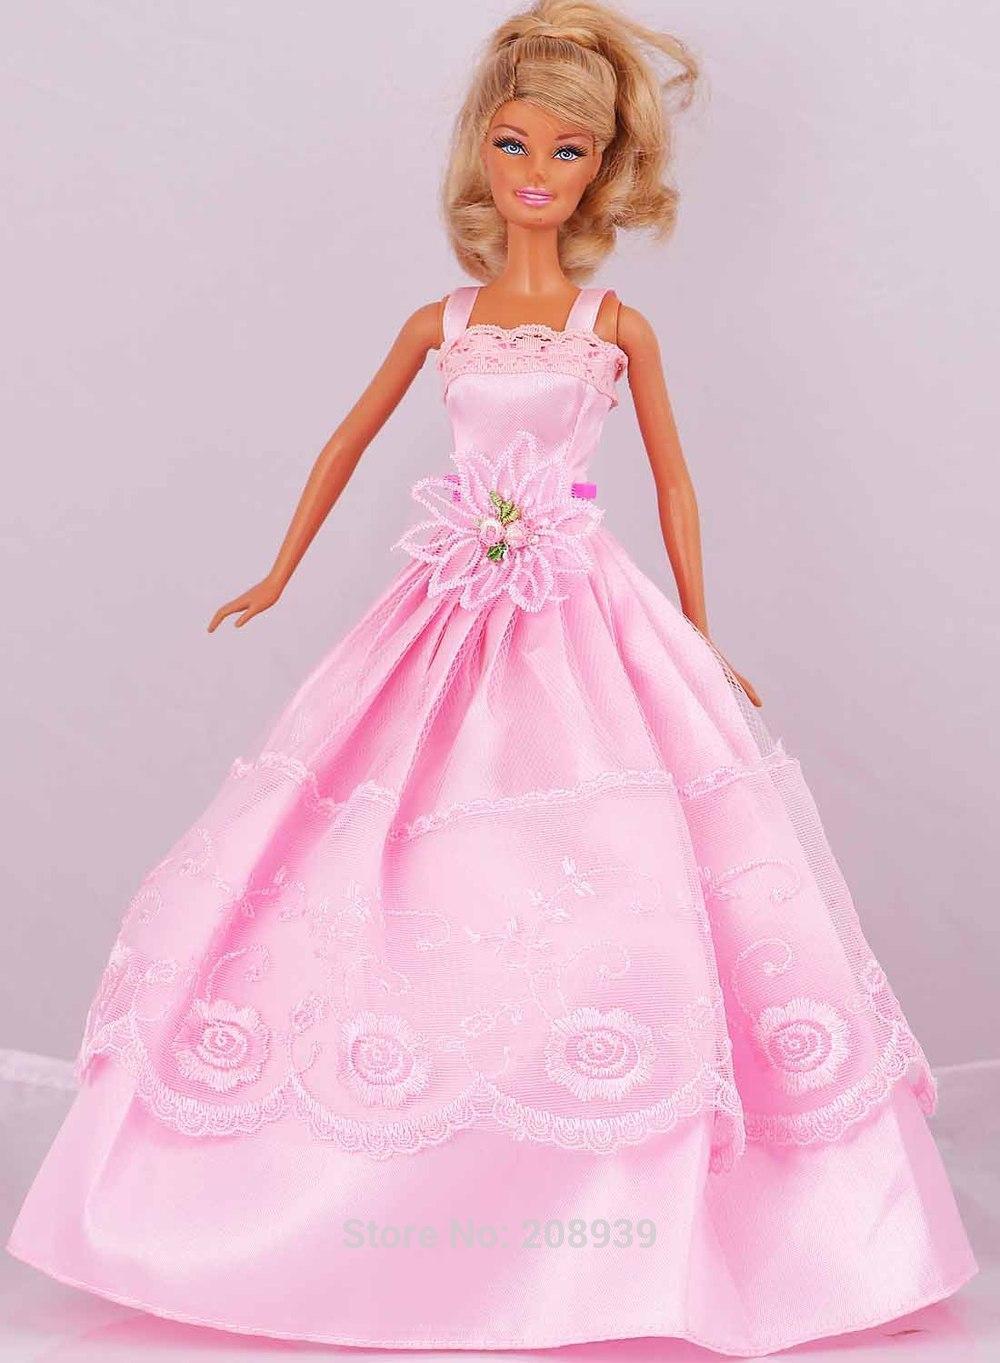 vestido vestido de festa vestido de roupas para 11 boneca Barbie D964